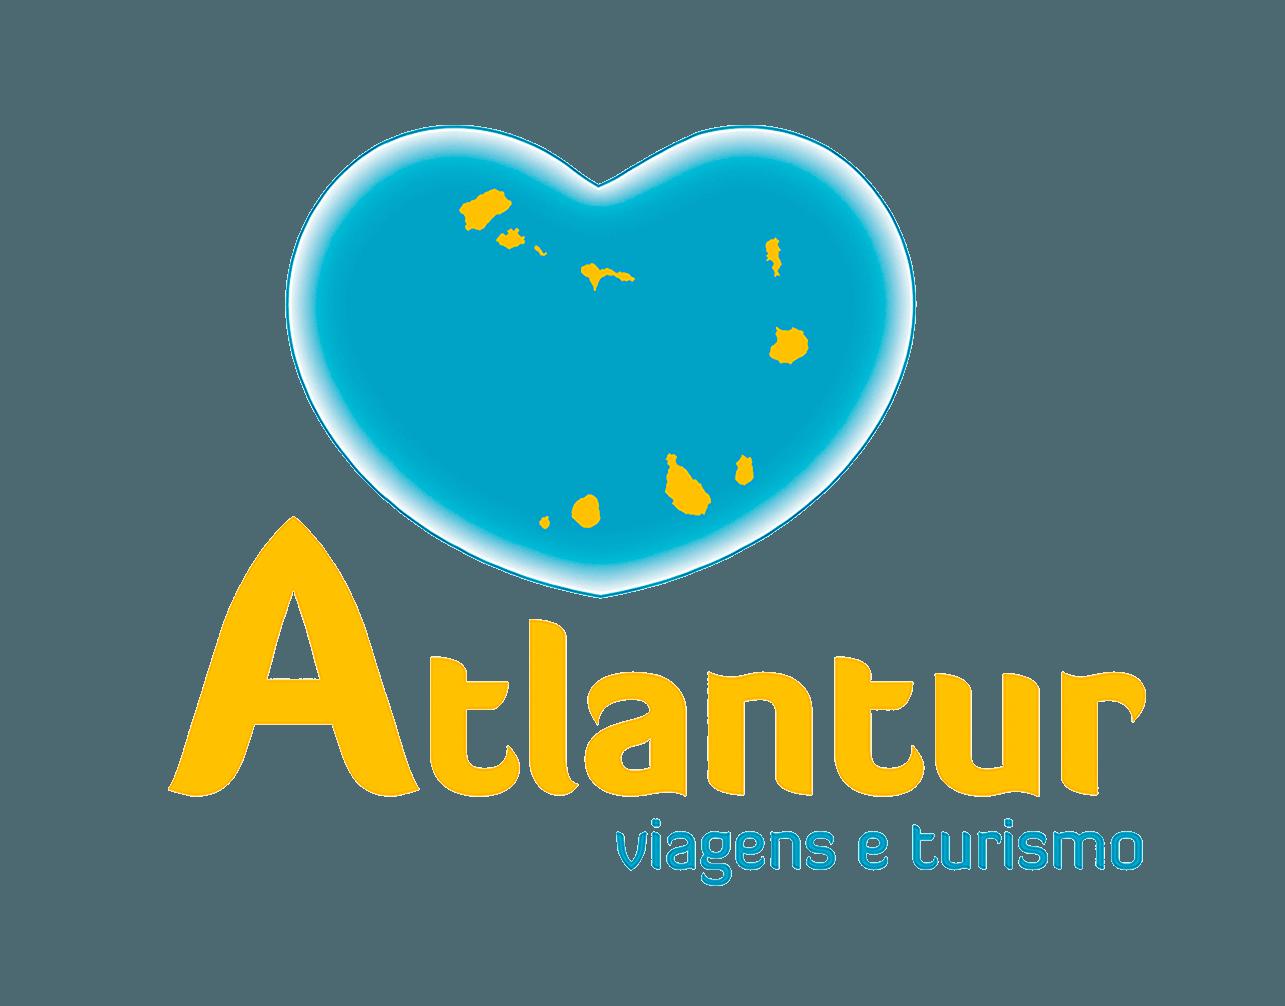 atlantur